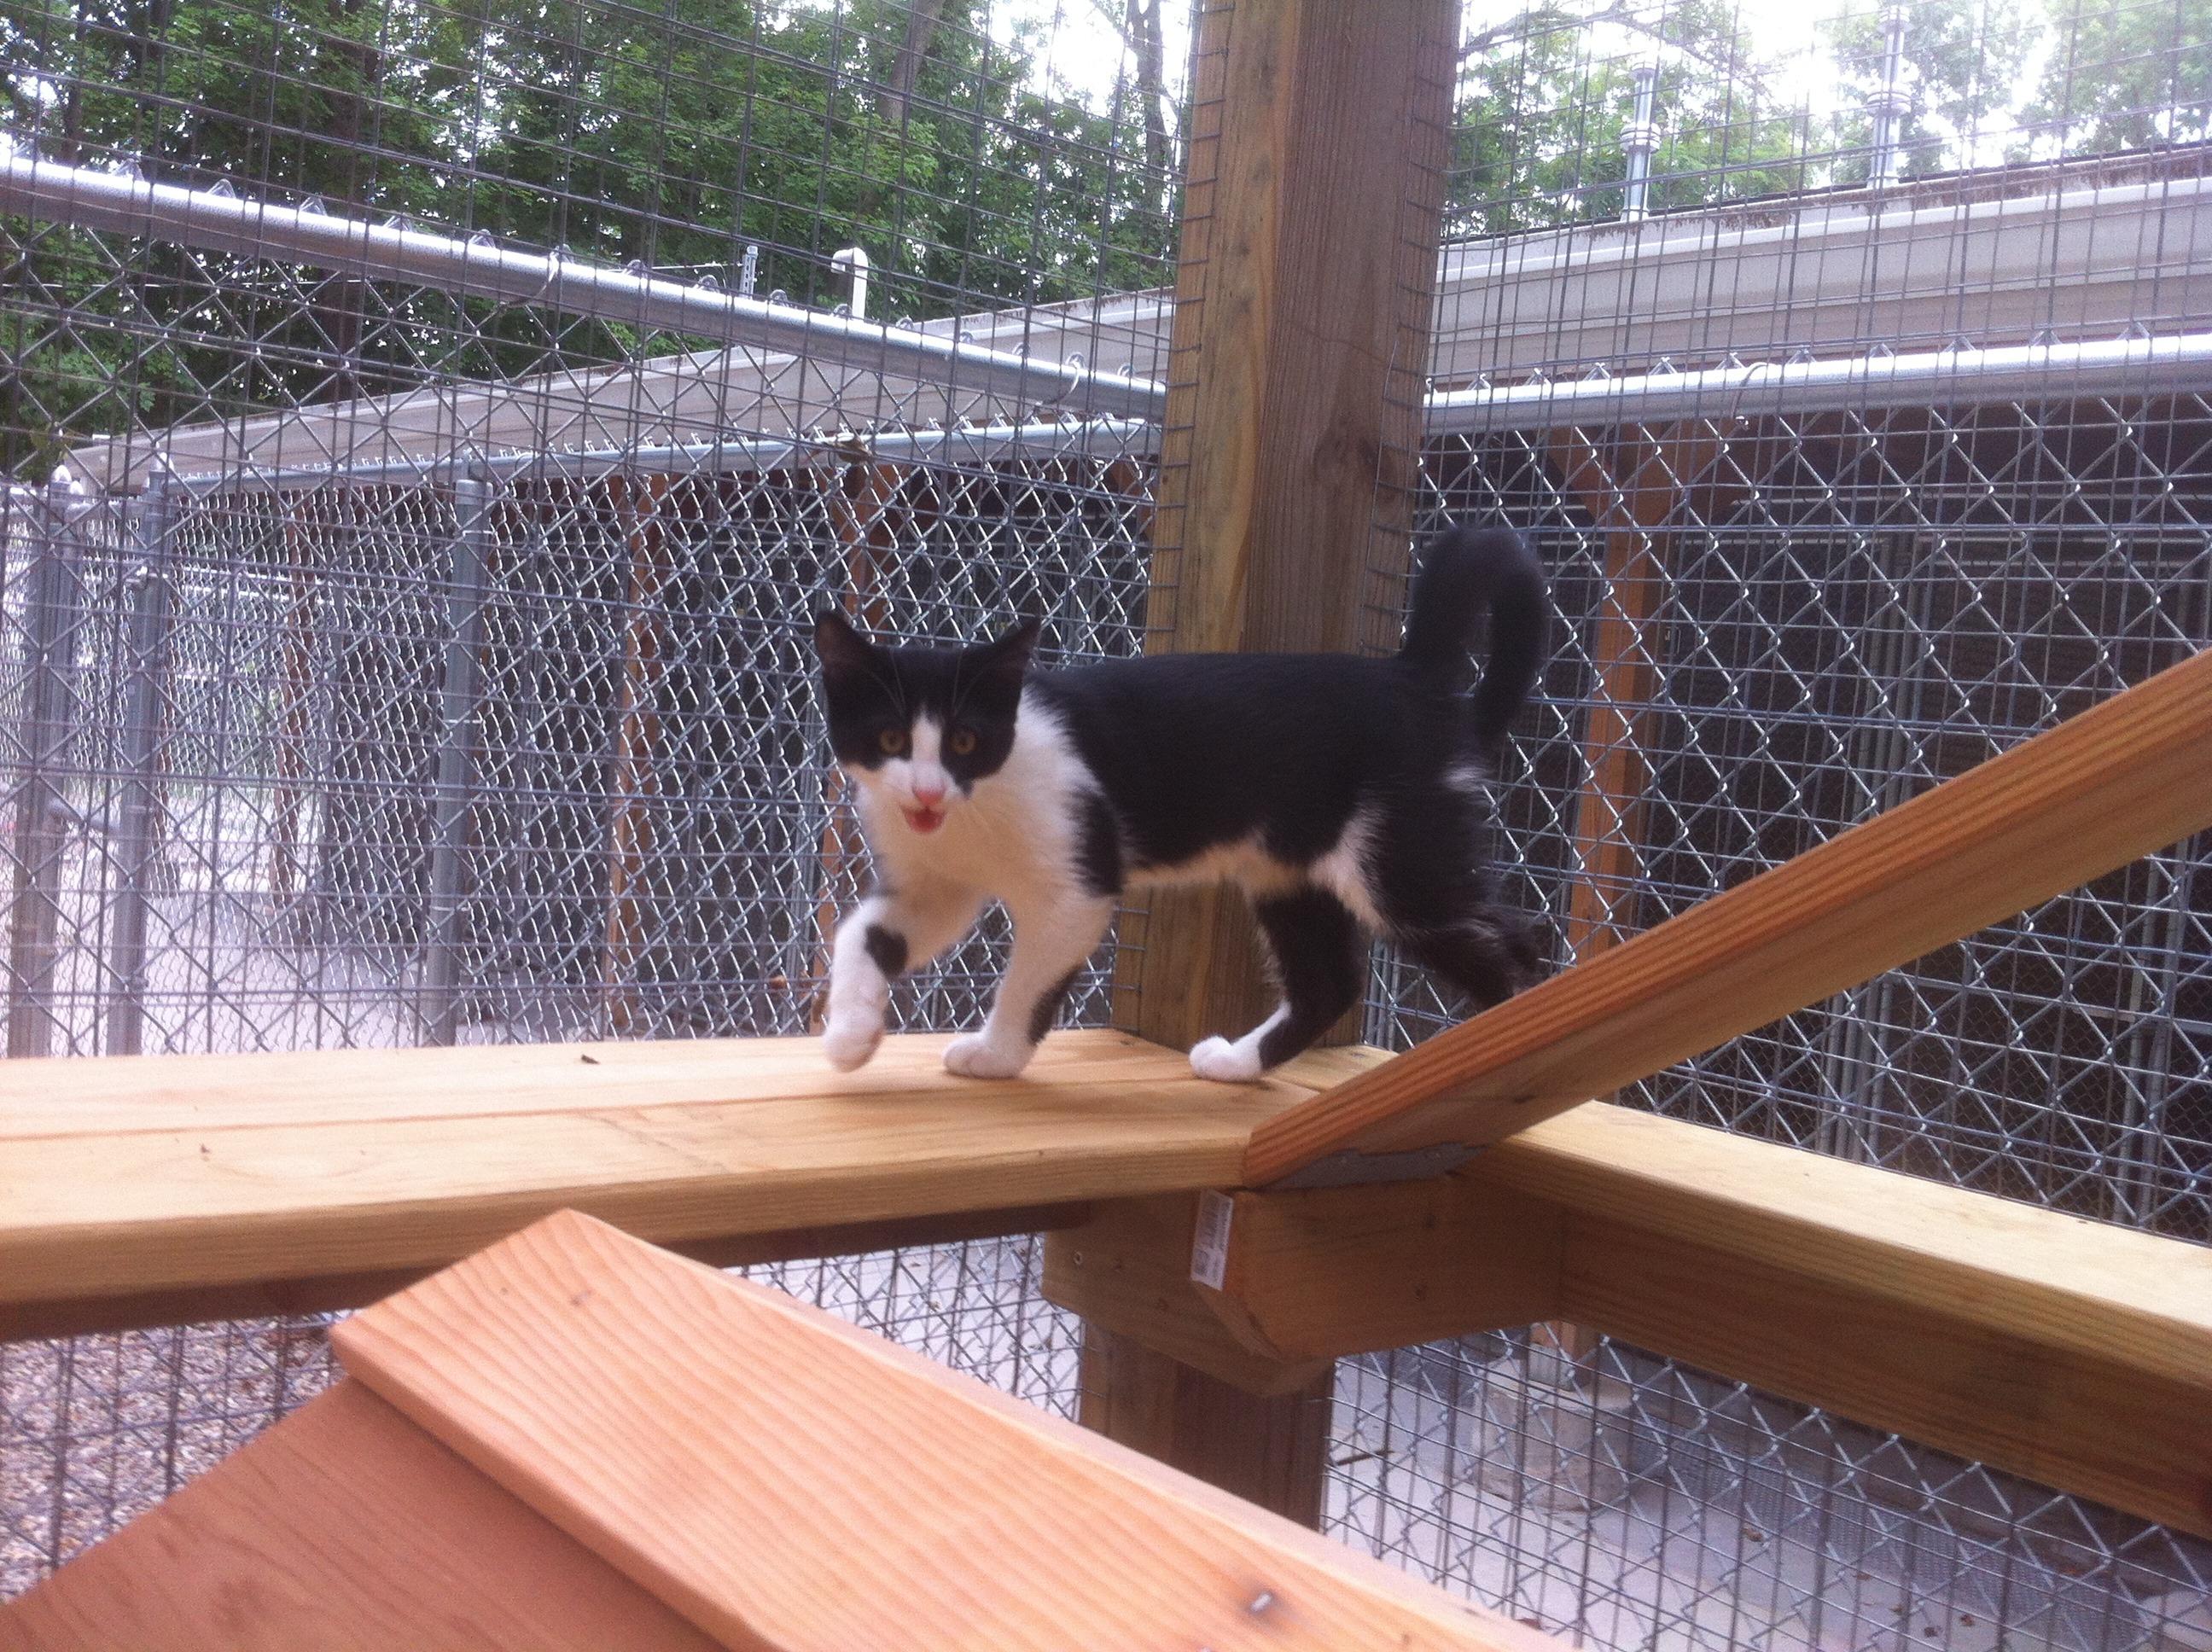 Montville Animal Shelter